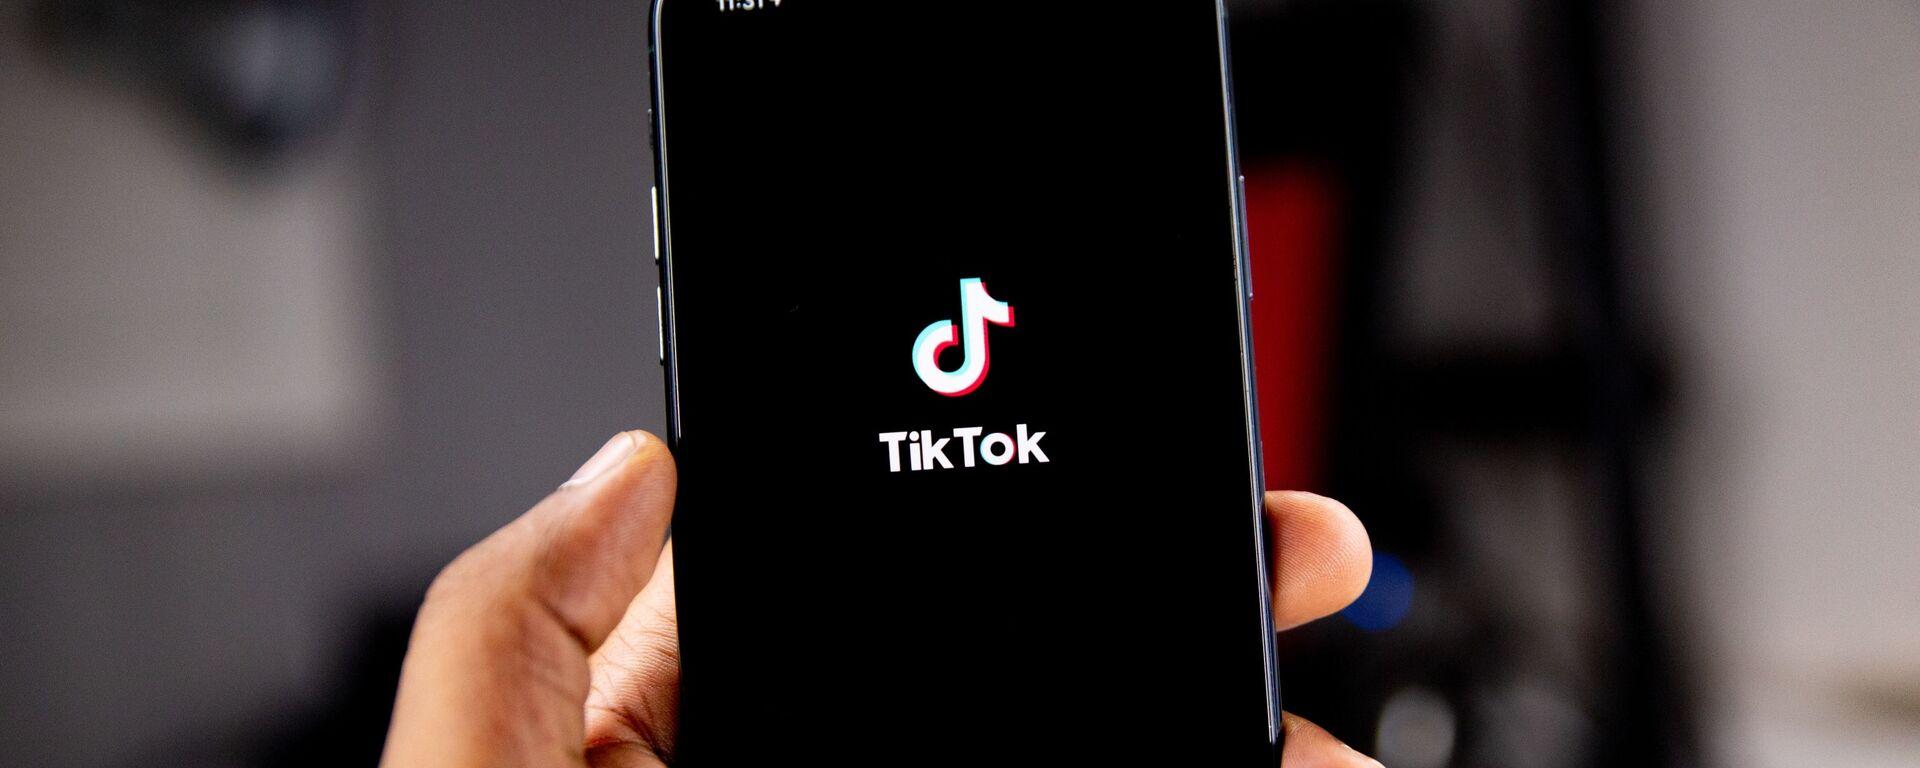 Una persona sostiene un teléfono en el que se ve el logo de TikTok - Sputnik Mundo, 1920, 27.01.2021